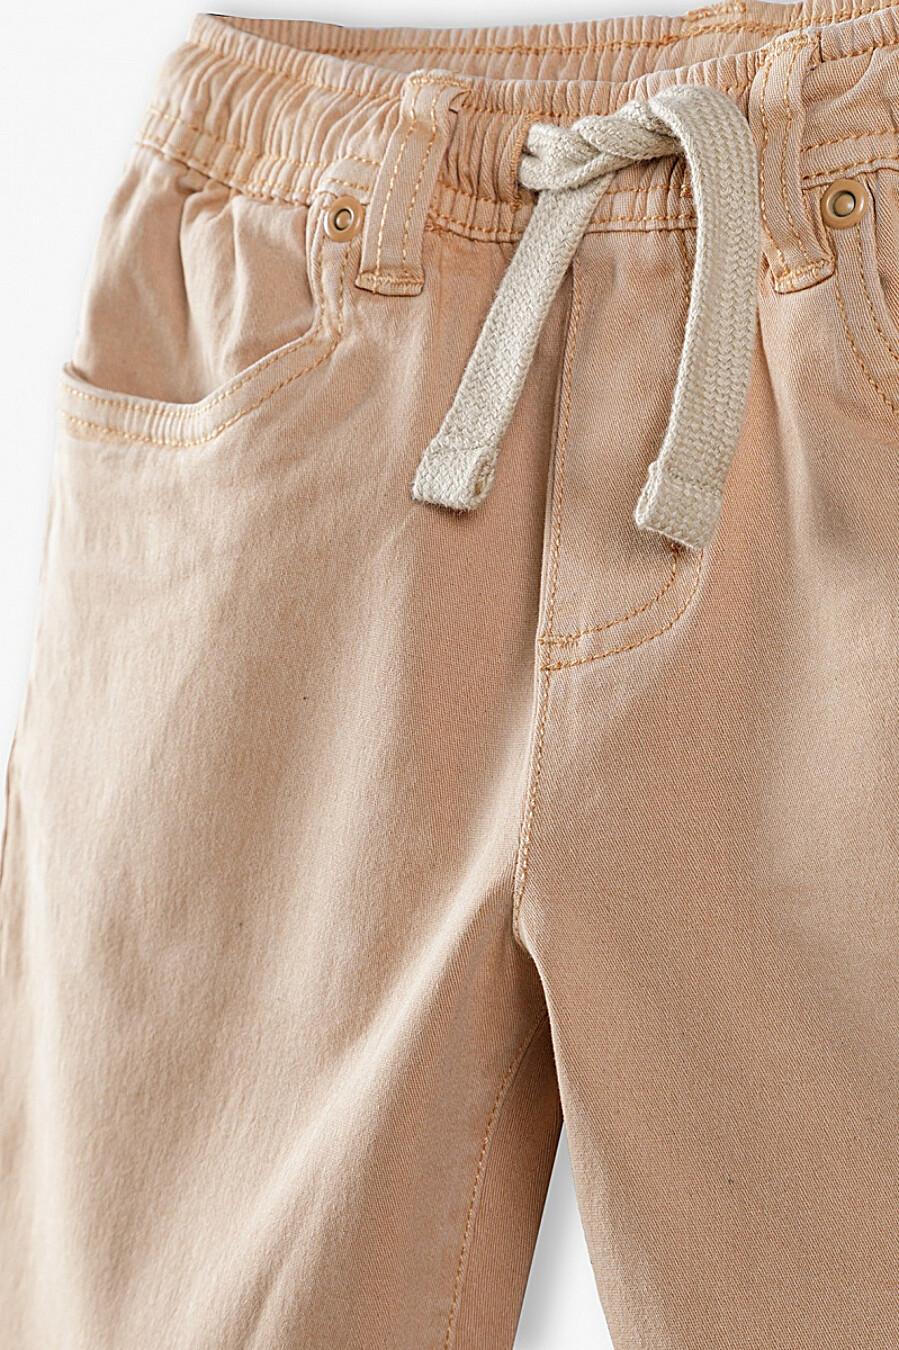 Шорты для мальчиков 5.10.15 668589 купить оптом от производителя. Совместная покупка детской одежды в OptMoyo